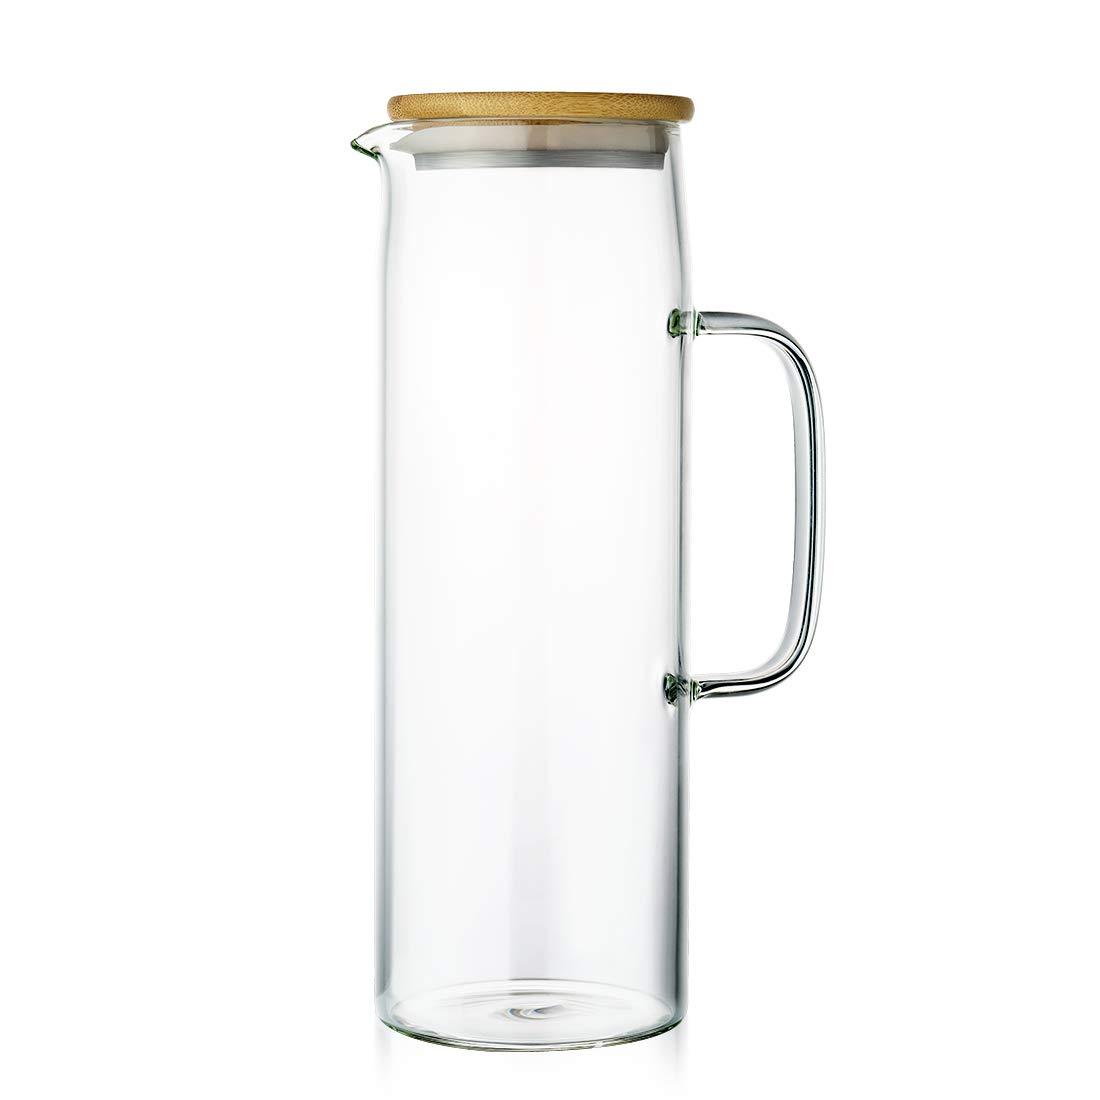 Acqua brocca caraffa in Vetro con infusore in Acciaio Inox con Coperchio Rimovibile Trasparente 1,3 l Vetro ZDZDZ borosilicato Vetro Acqua caraffa brocca per t/è